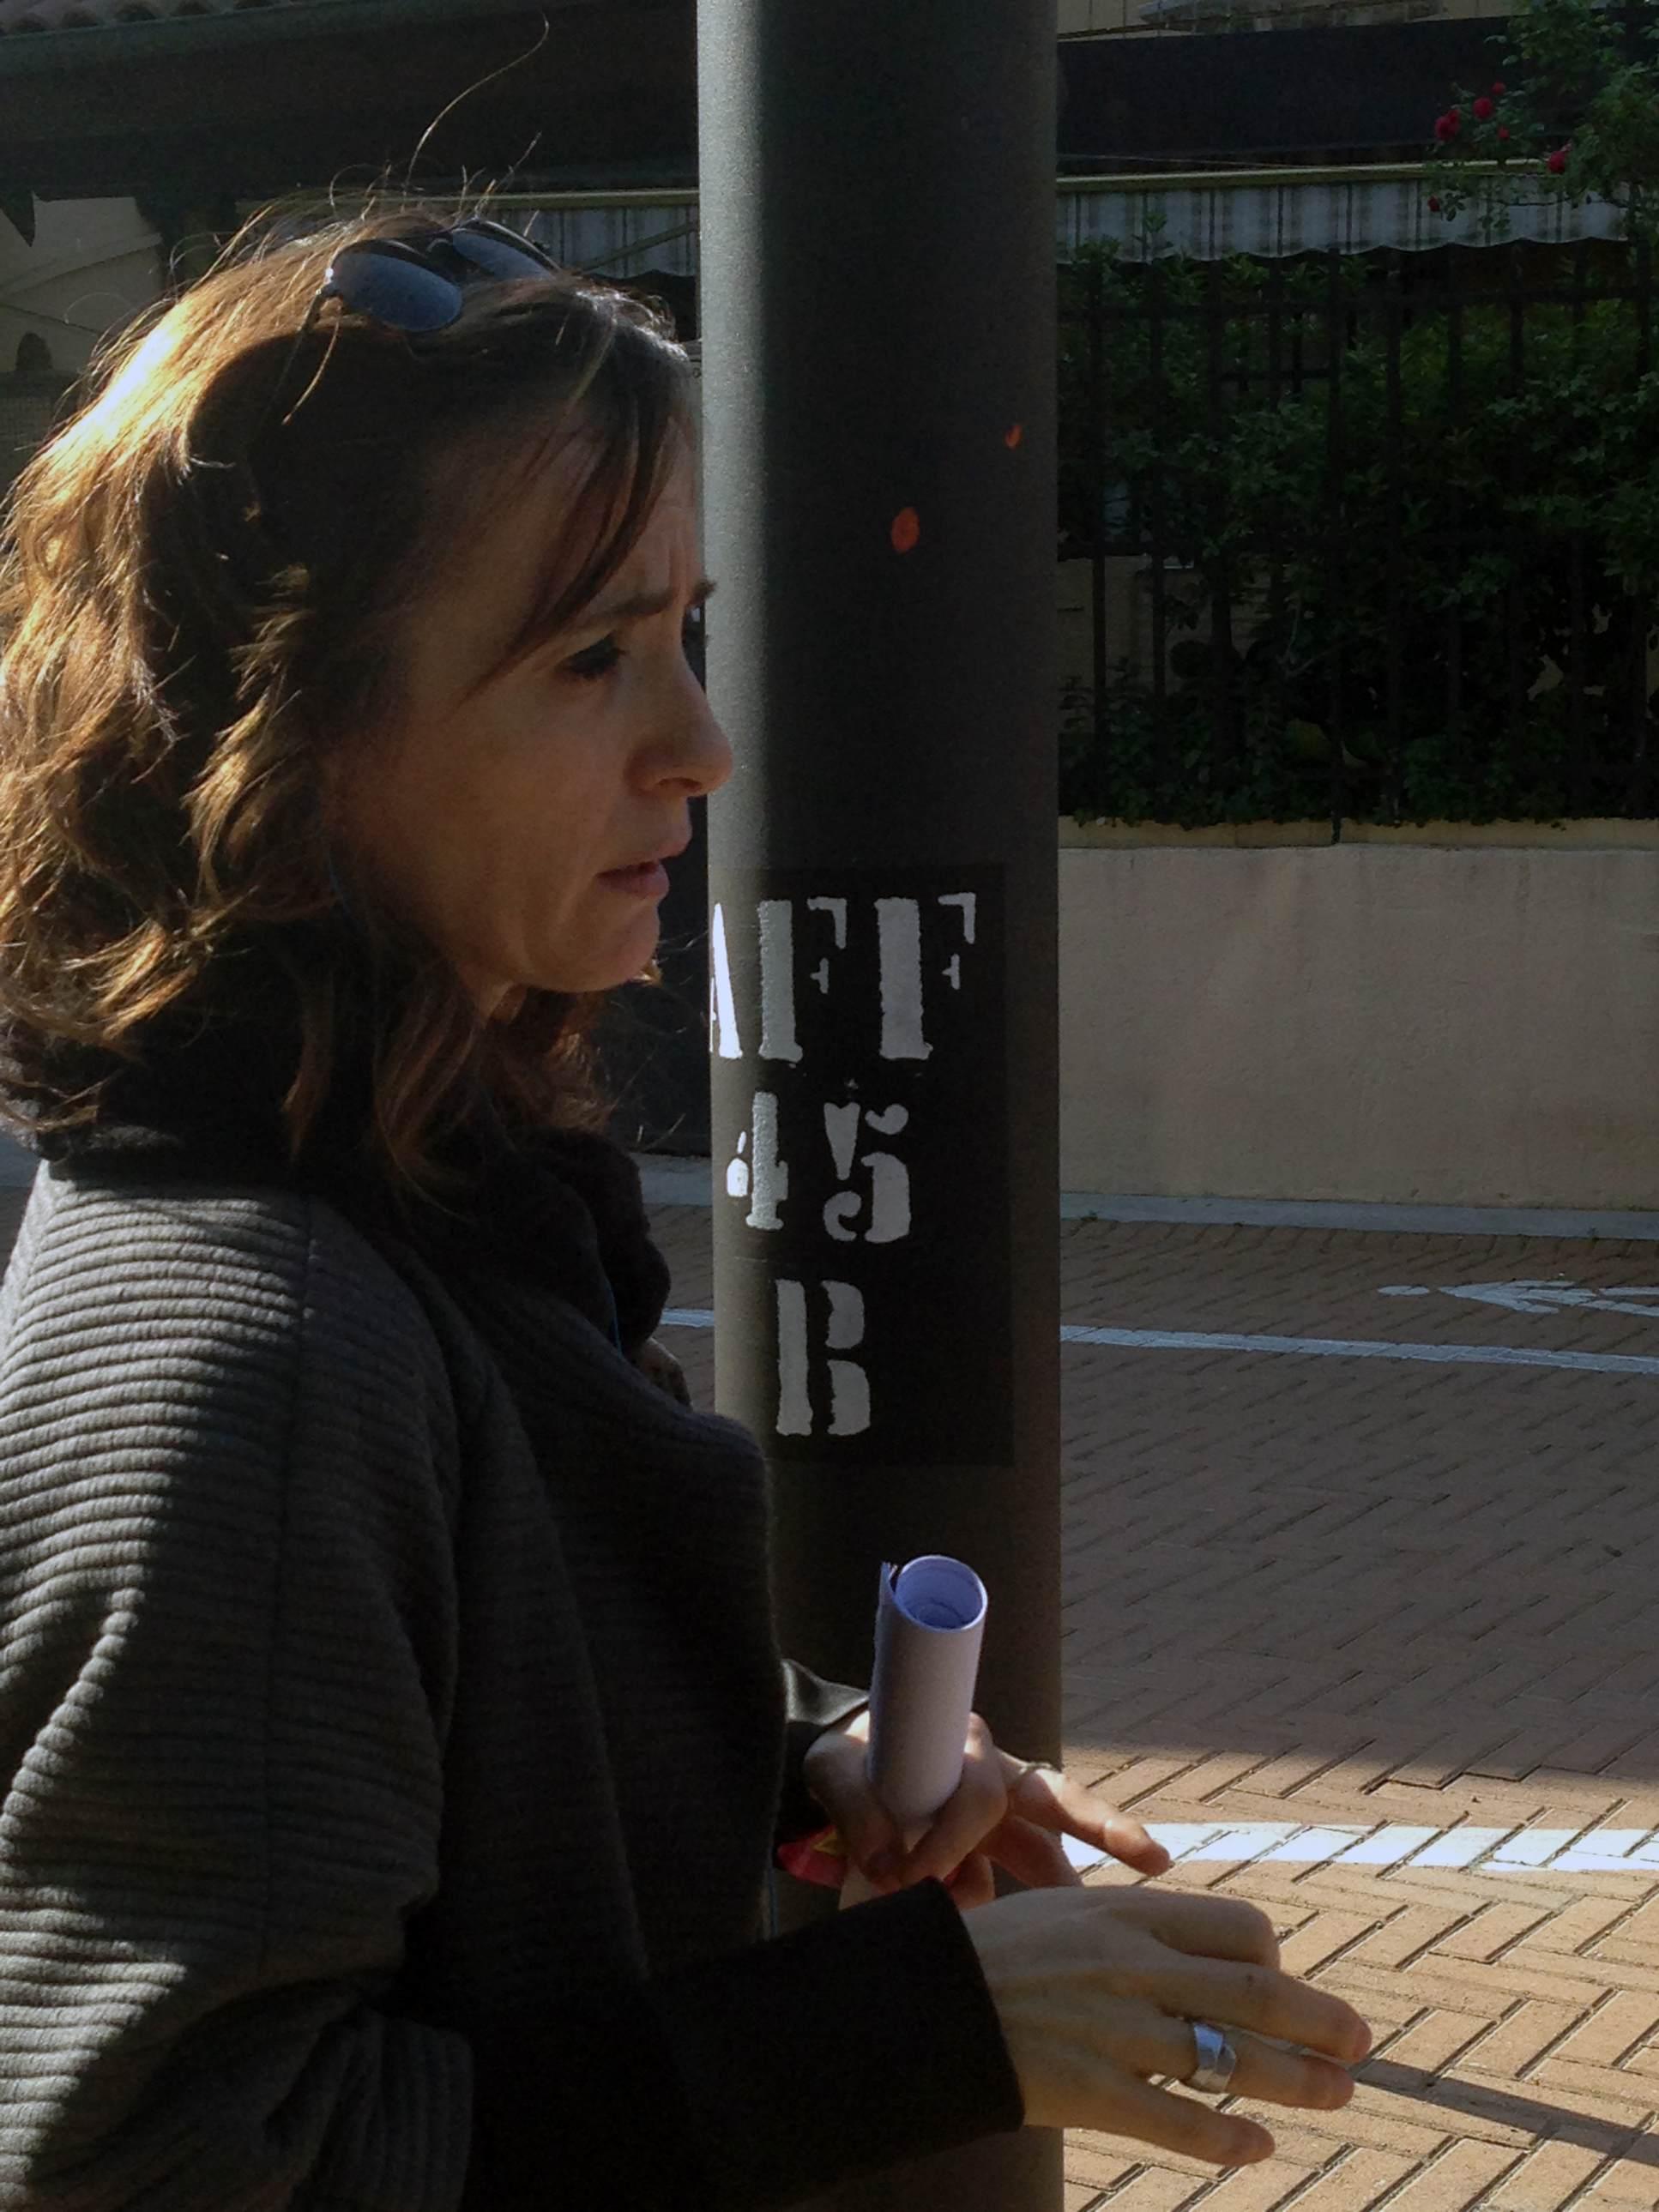 Sentieri relativistici di Gaia, Mariateresa Crosta, ricercatrice dell'Istituto Nazionale di Astrofisca (INAF) presso l'Osservatorio Astrofisico di Torino.